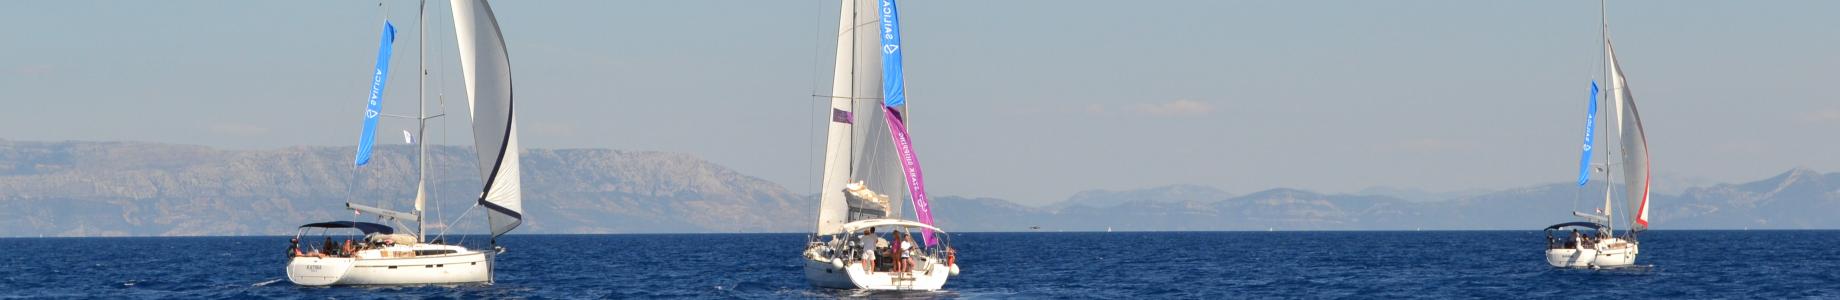 Обзор на популярные системы обучения яхтингу: RYA, IYT, ISSA